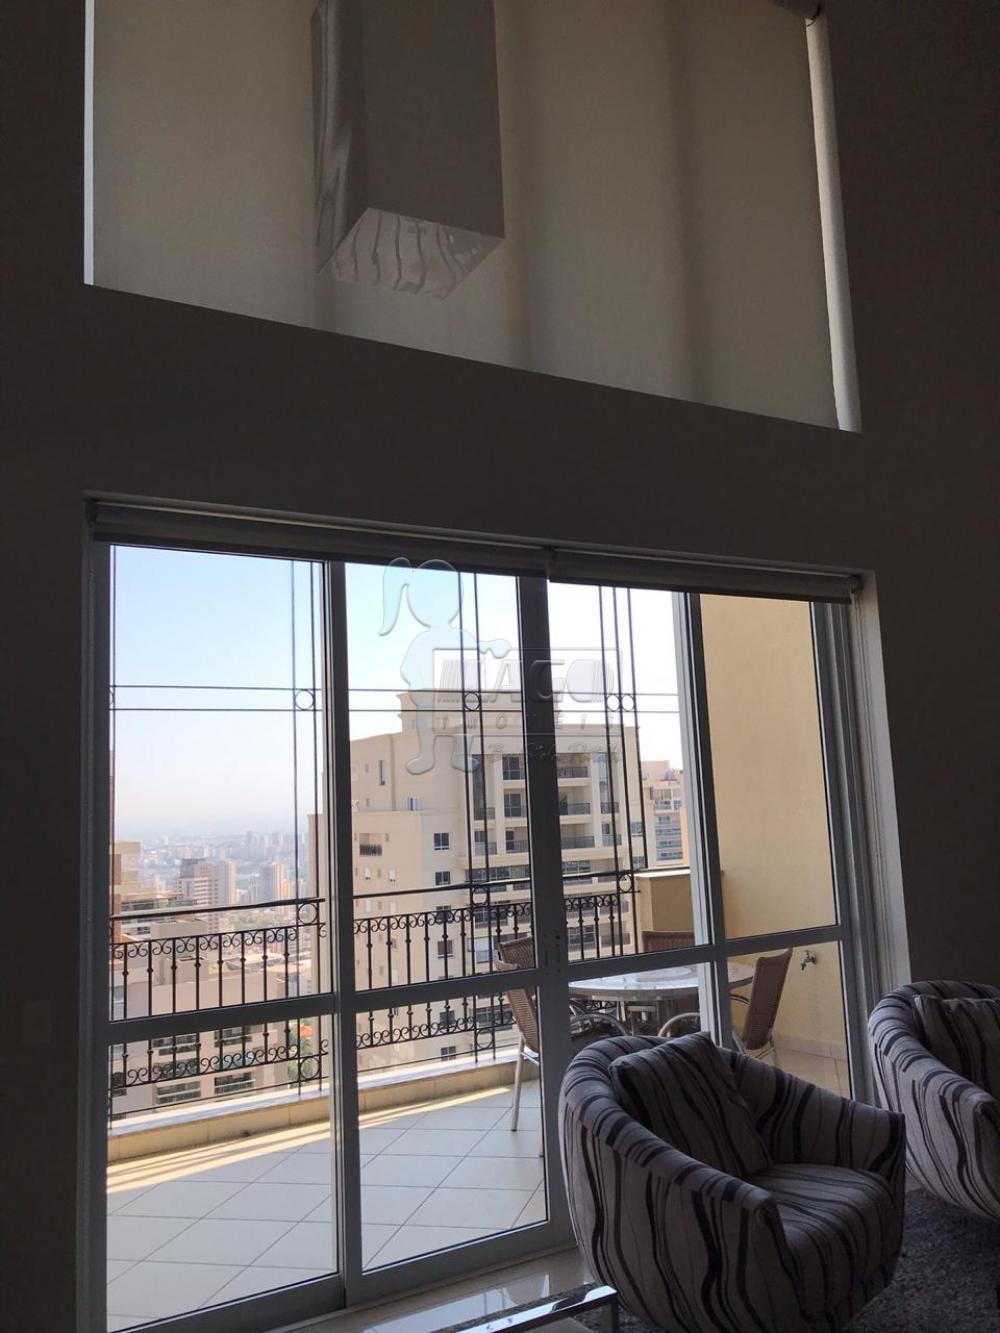 Comprar Apartamento / Cobertura em Ribeirão Preto apenas R$ 2.200.000,00 - Foto 17